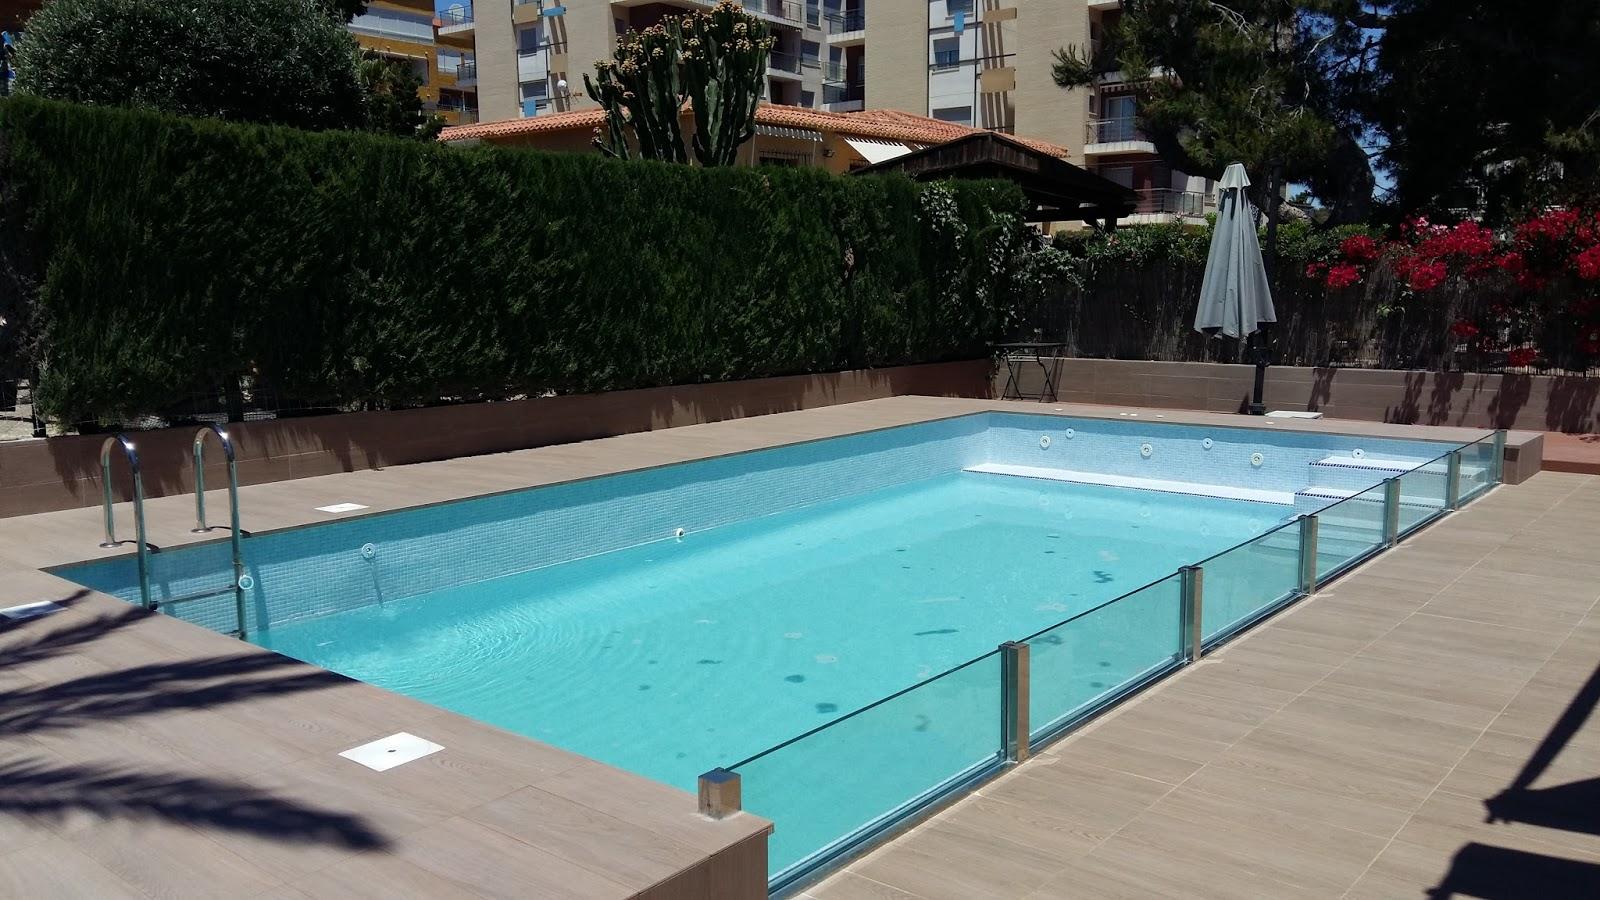 Dise o y construccion de piscinas for Construcion de piscinas